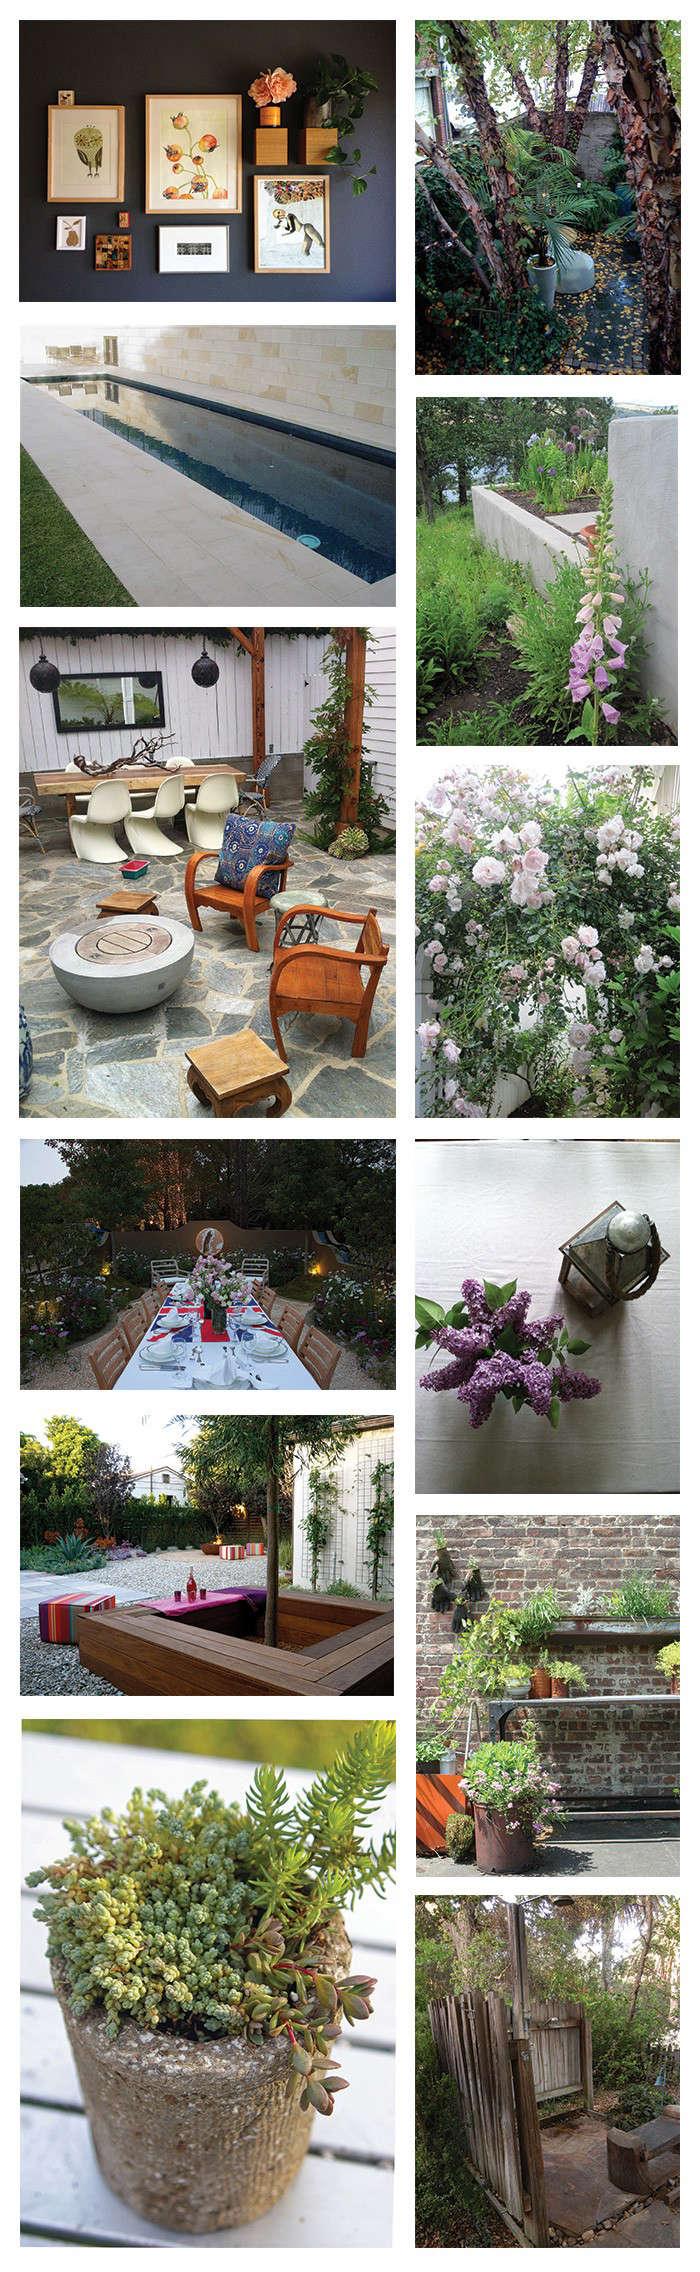 Gardenista-Master-Collage